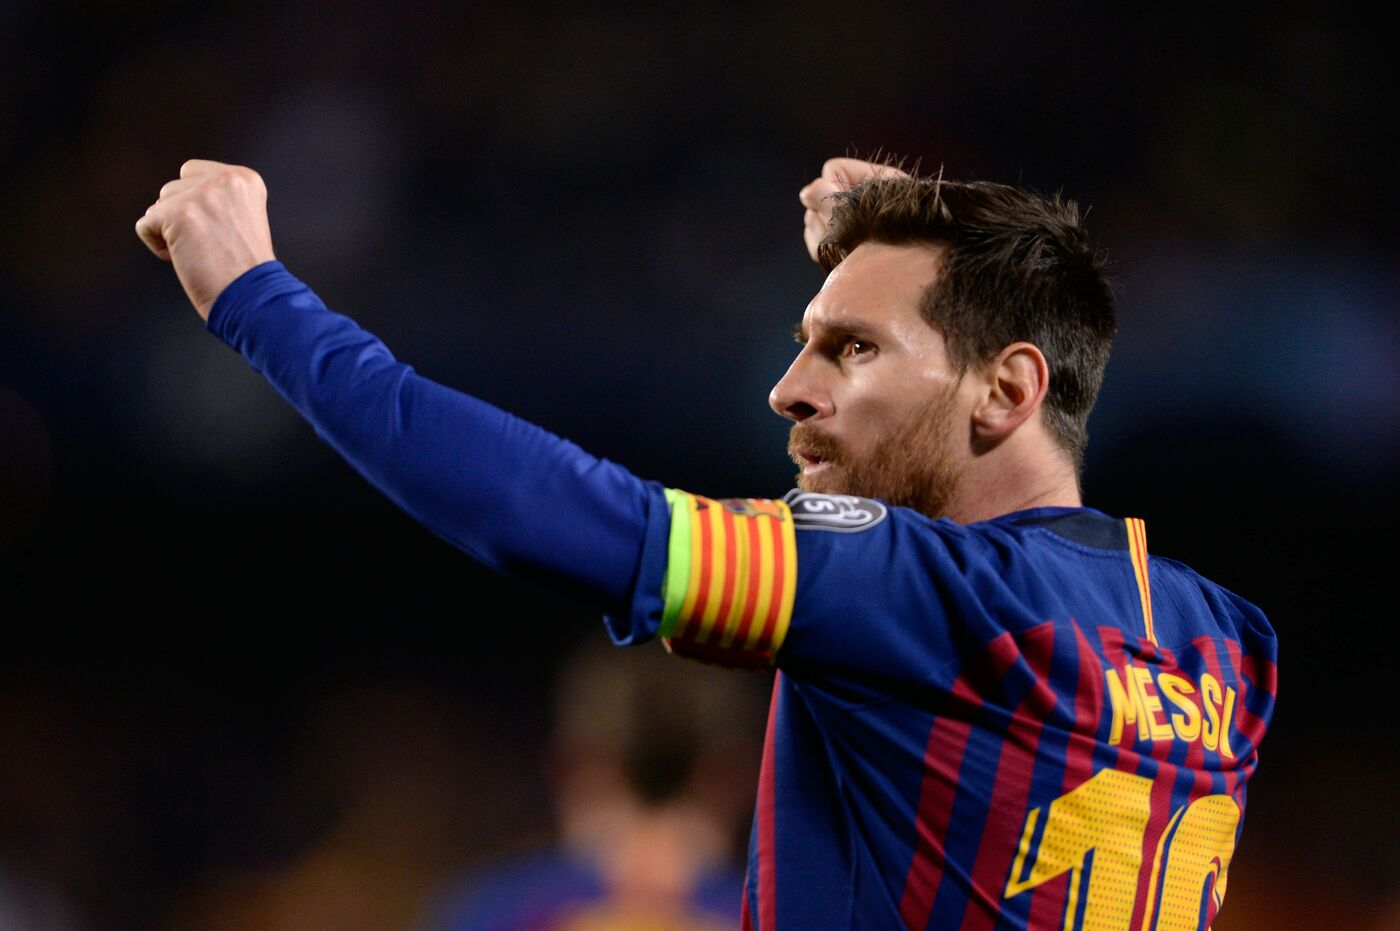 18812e4e6 Scarpa d'Oro - È Messi il re dei bomber! Quagliarella sul podio: Cristiano  Ronaldo fuori dalla top 10